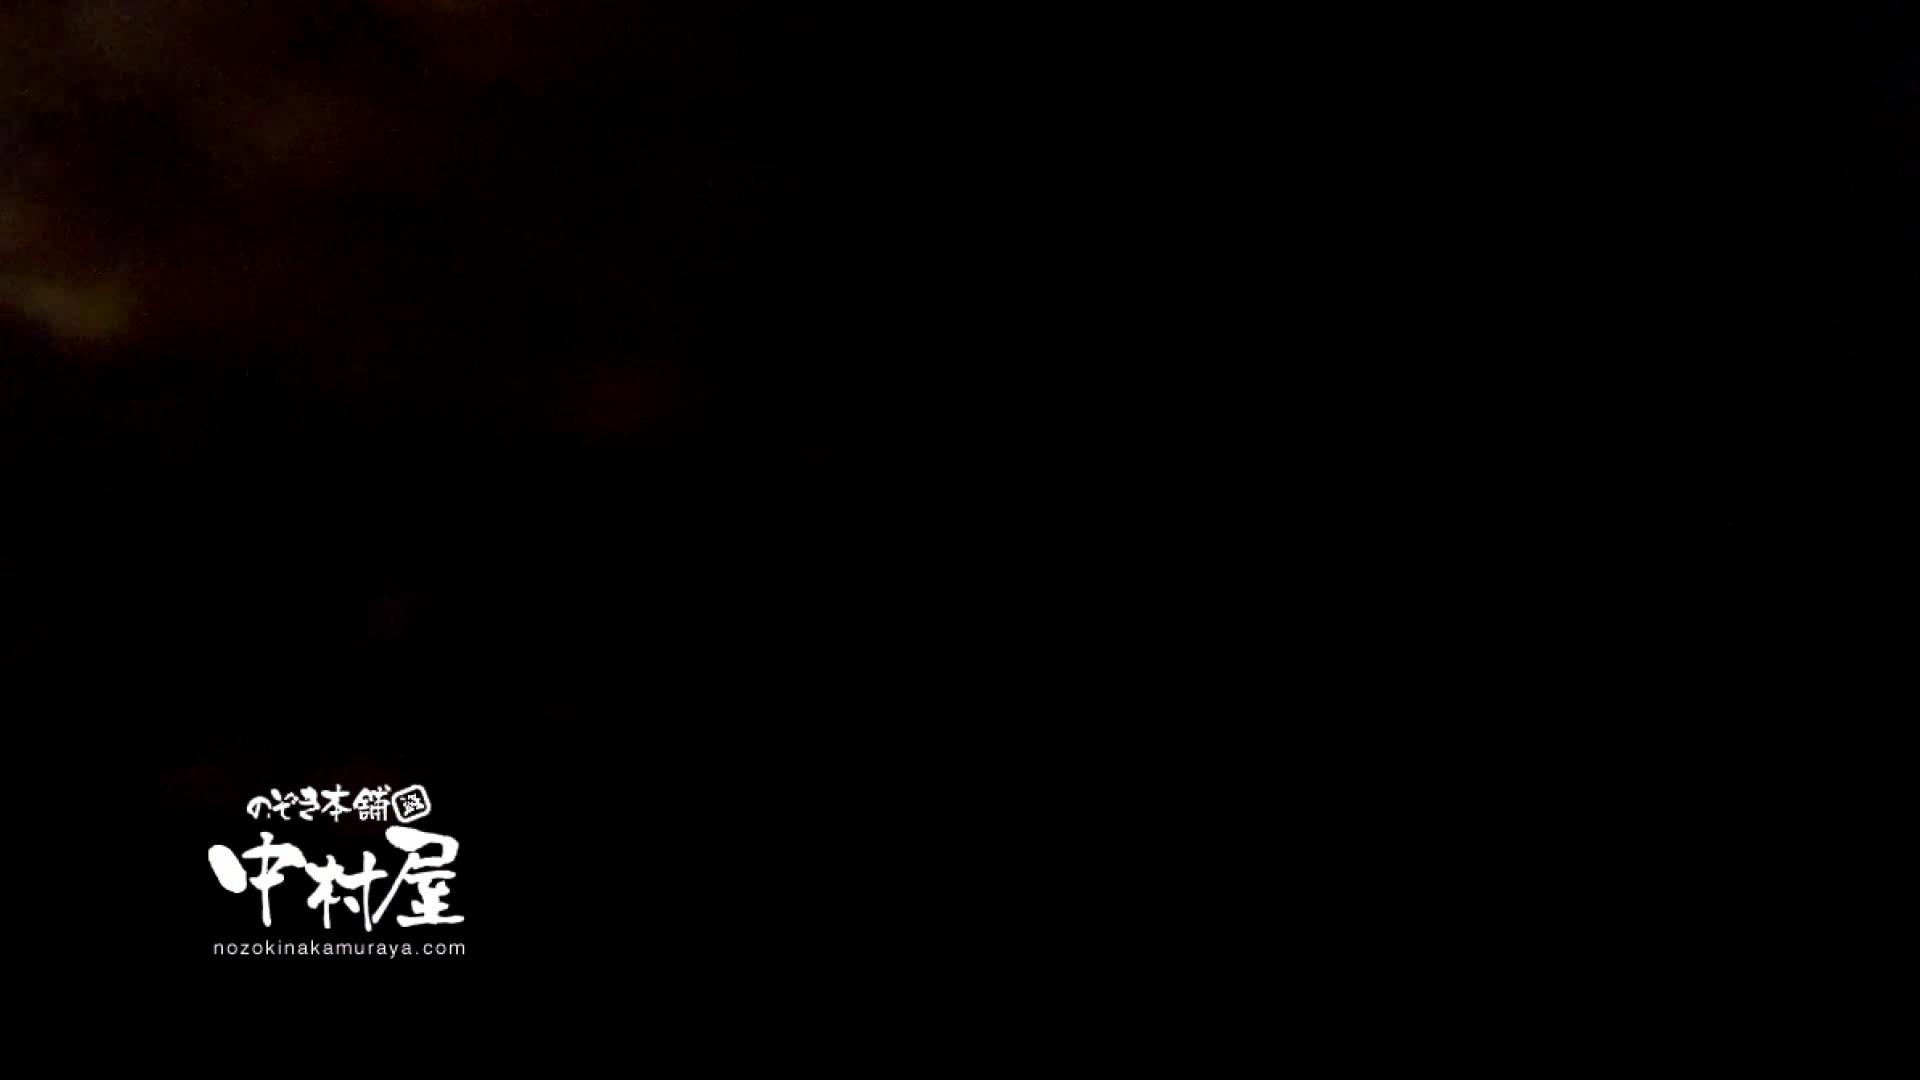 鬼畜 vol.16 実はマンざらでもない柔らかおっぱいちゃん 前編 OL  94連発 80